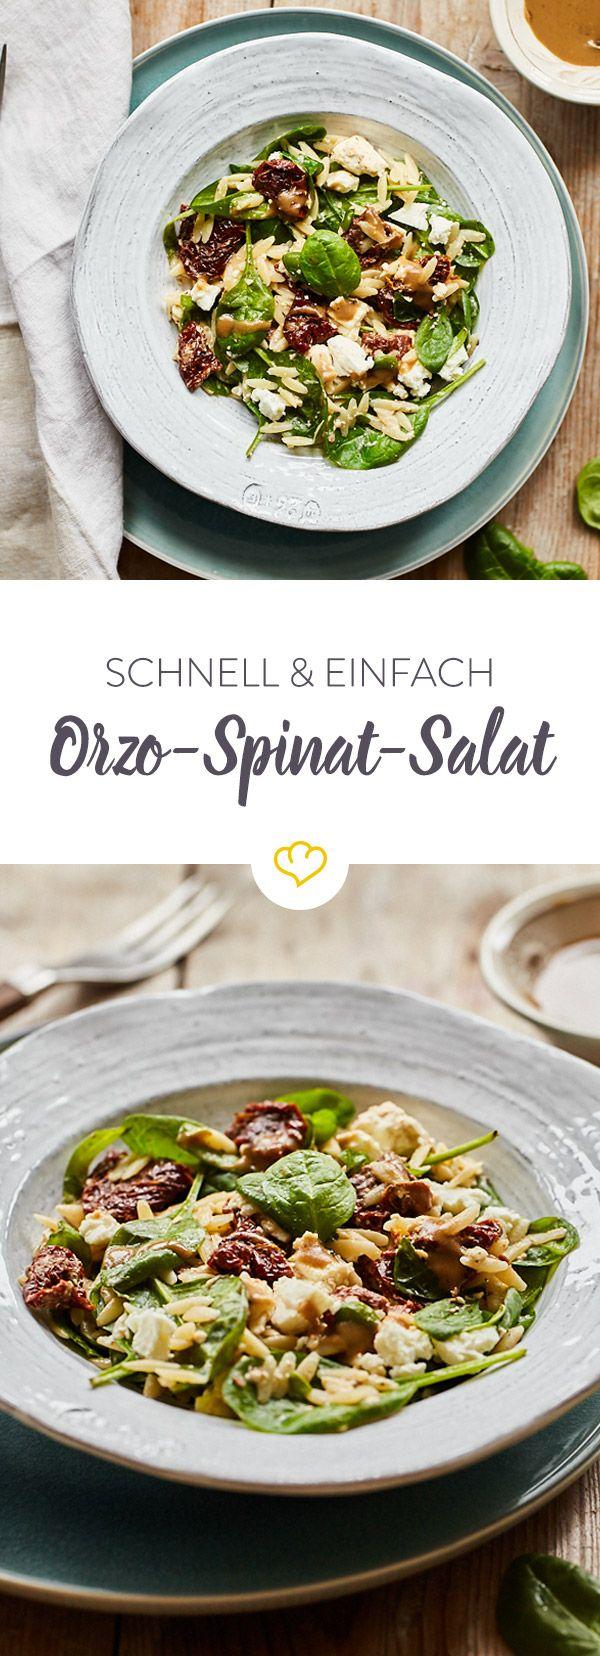 Ein schneller Salat, gepimpt mit etwas Feta, getrockneten Tomaten, knackigem Spinat, Orzo und Balsamico-Dressing - so einfach kann Kochen sein.